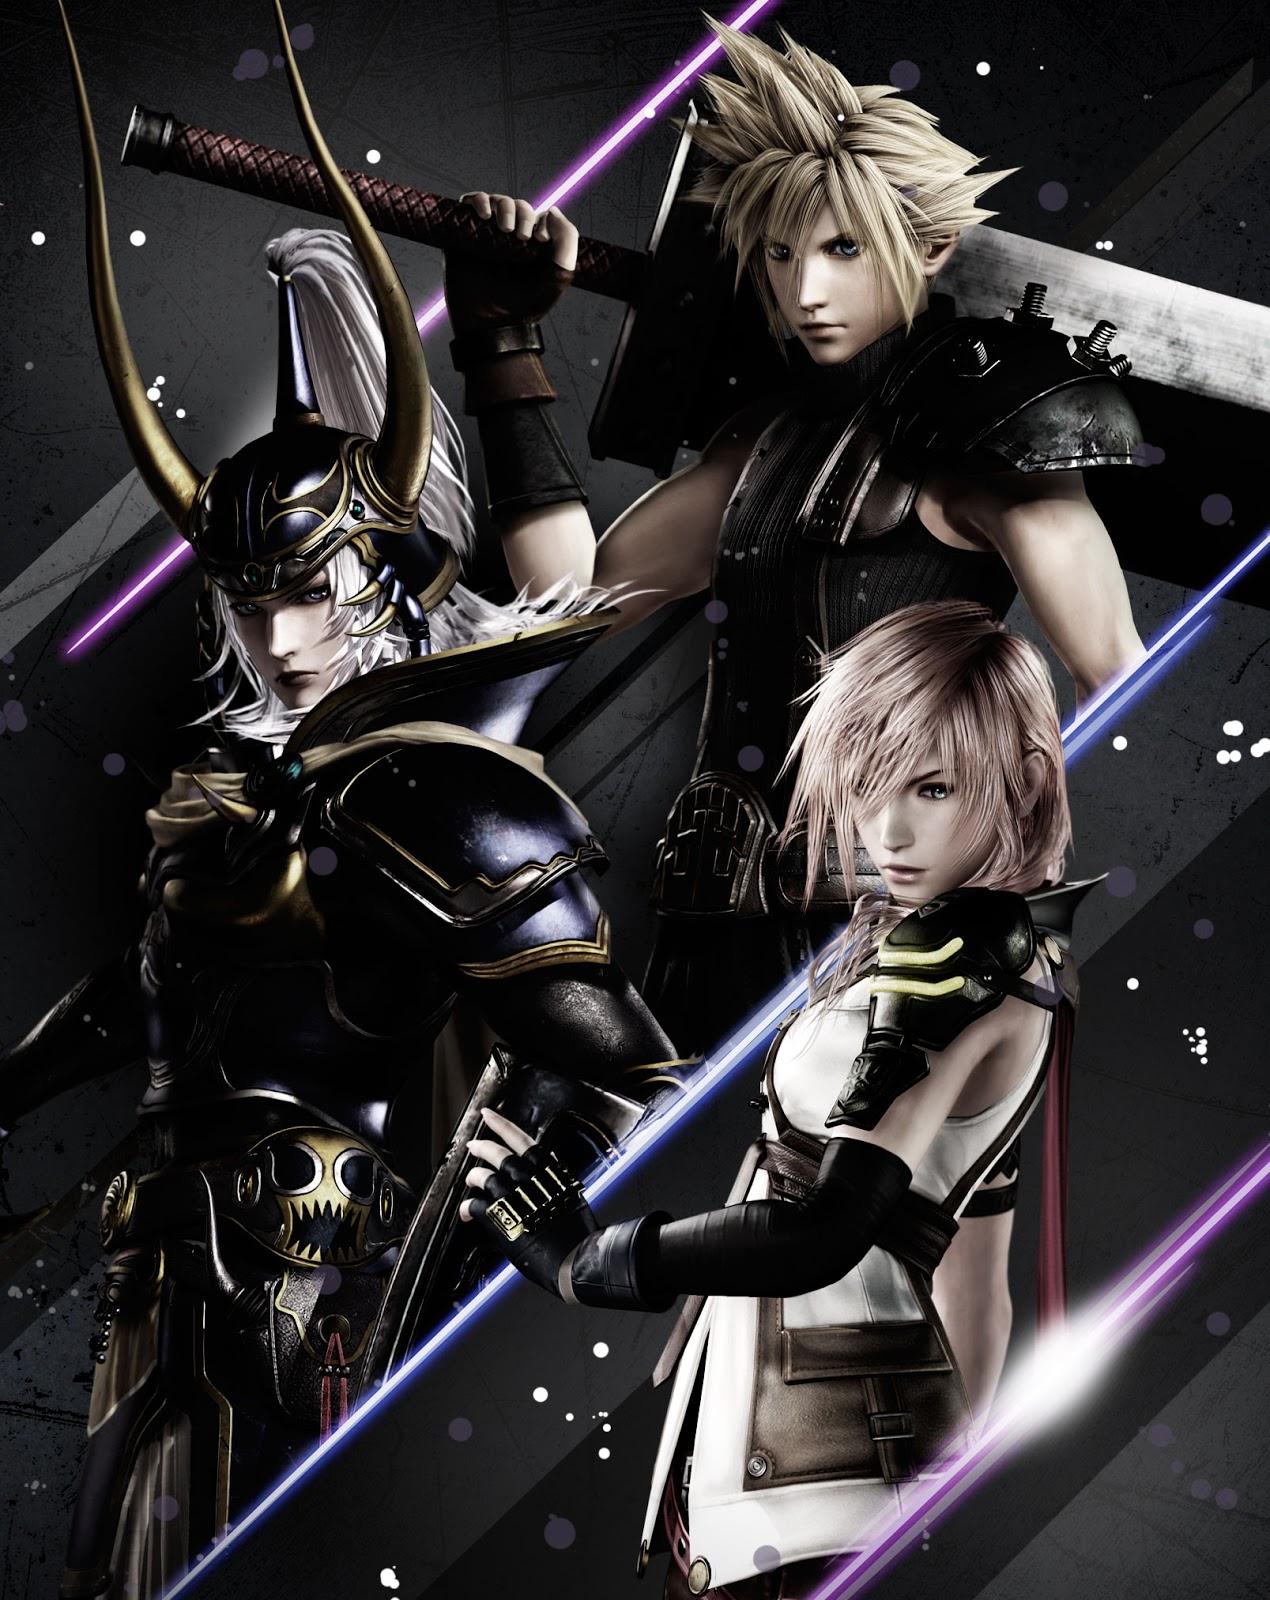 Dissidia Final Fantasy NT se lanzará el 30 de enero, vídeo tutorial mostrado